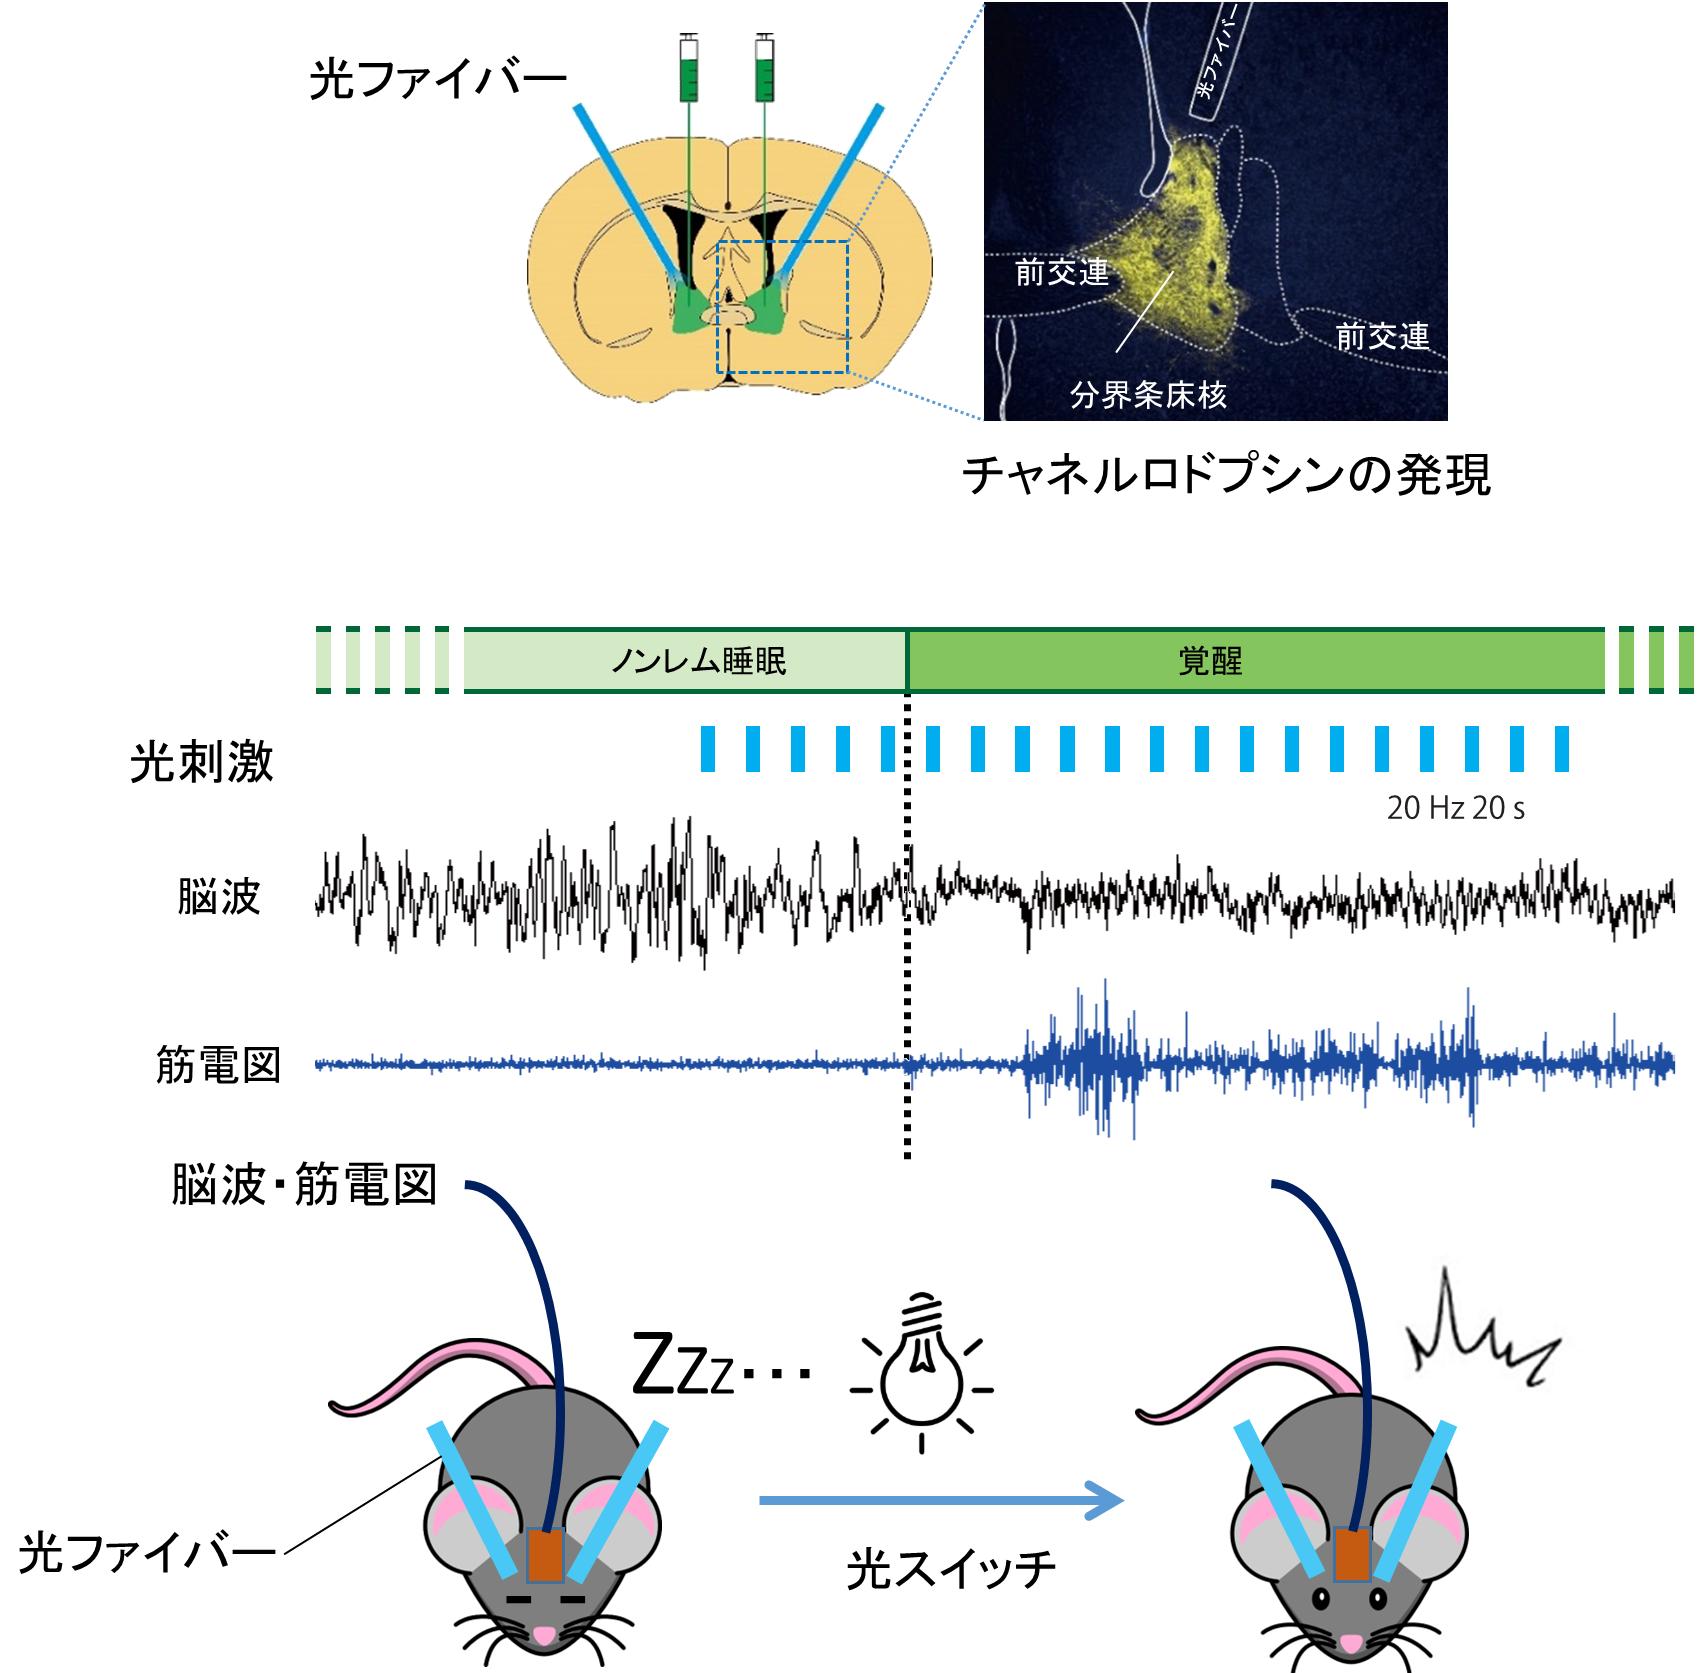 図1:今回の研究で使用された実験方法